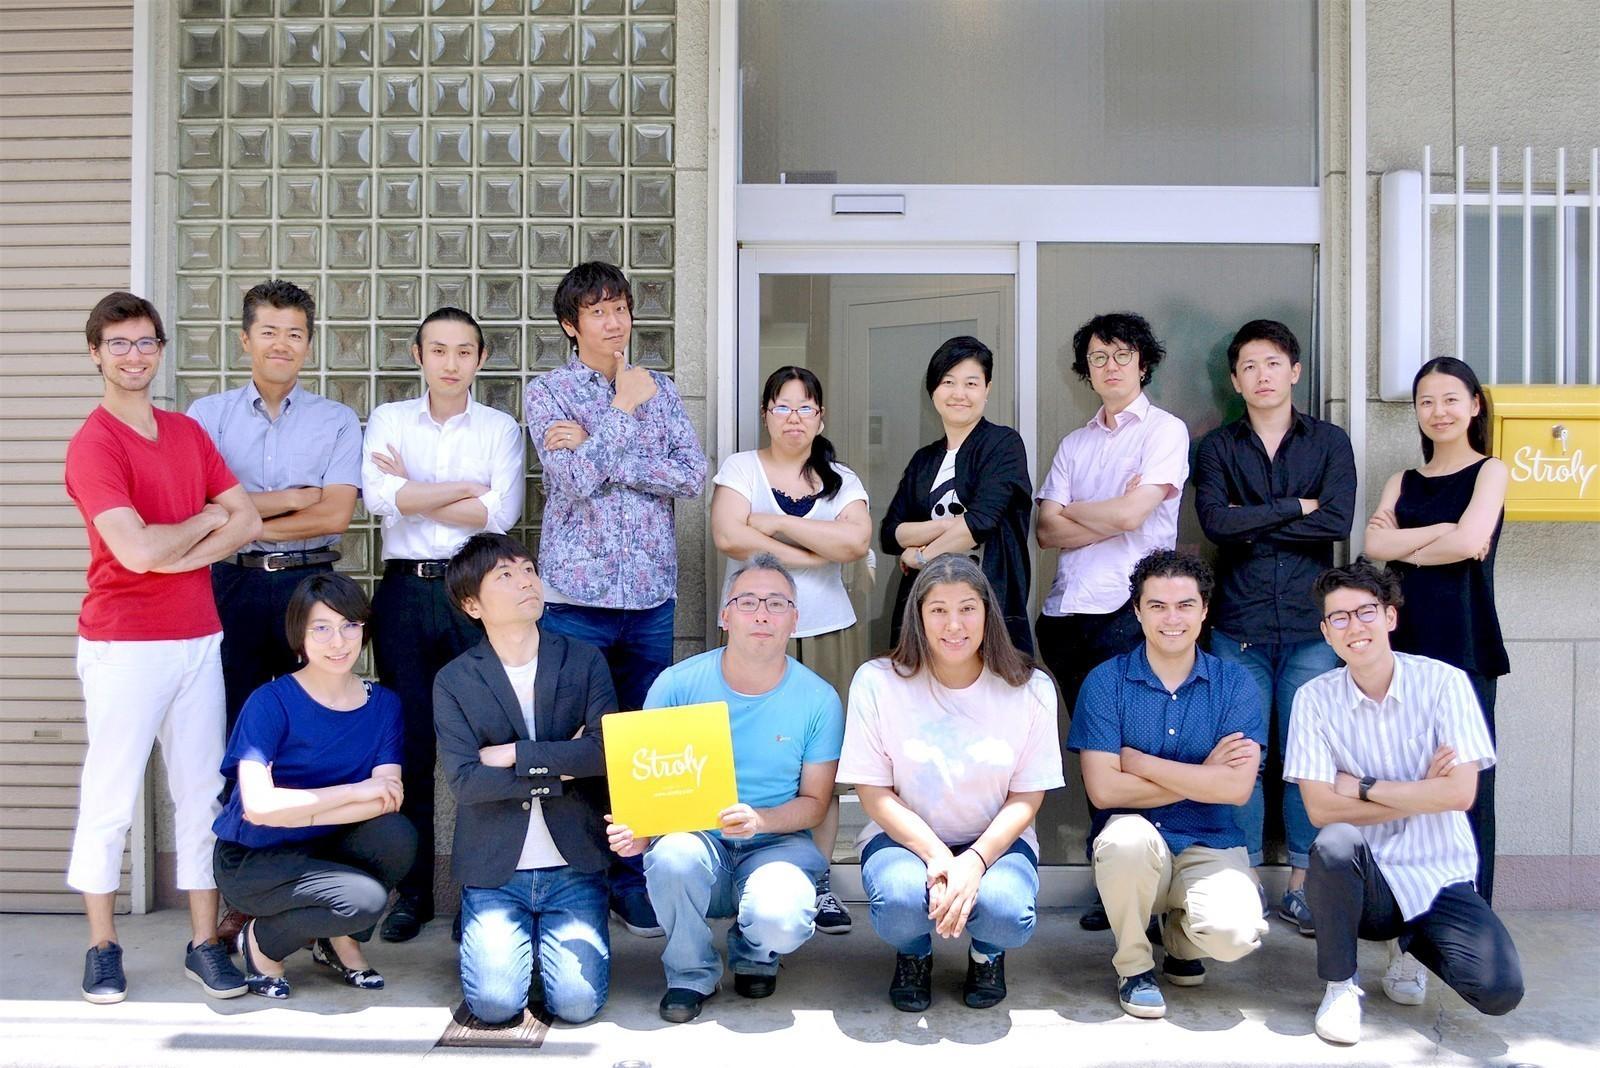 京都発スタートアップでオンライン地図サービスのUIを手がけるフロントエンドエンジニア募集(京都勤務)